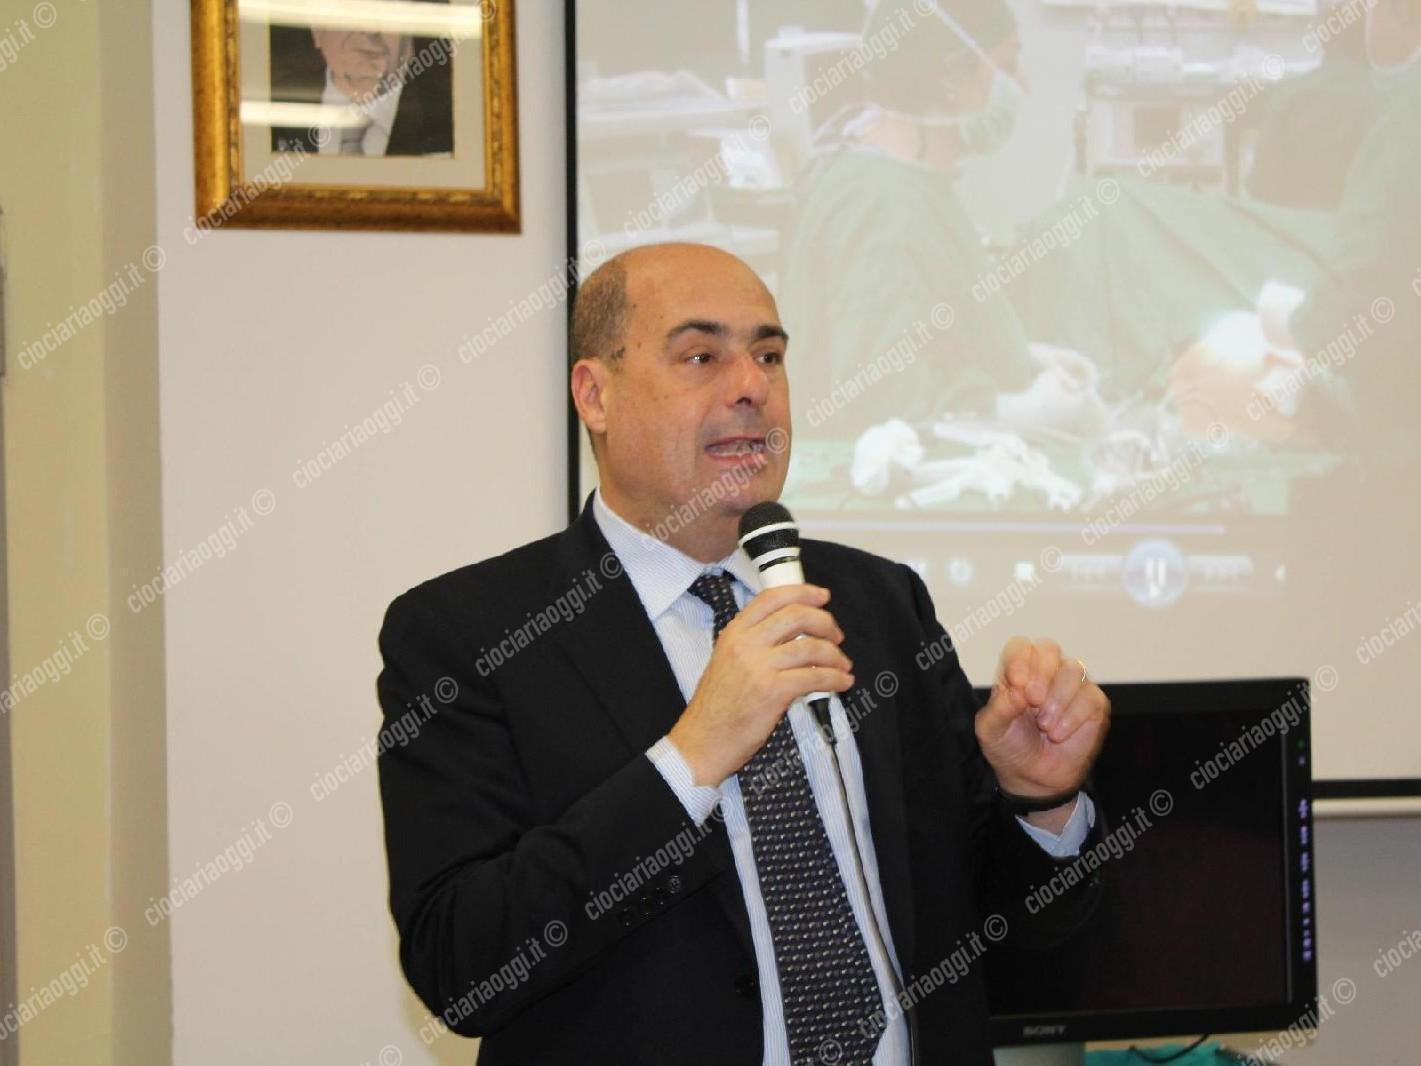 Regionali, Sergio Pirozzi presenta il logo: